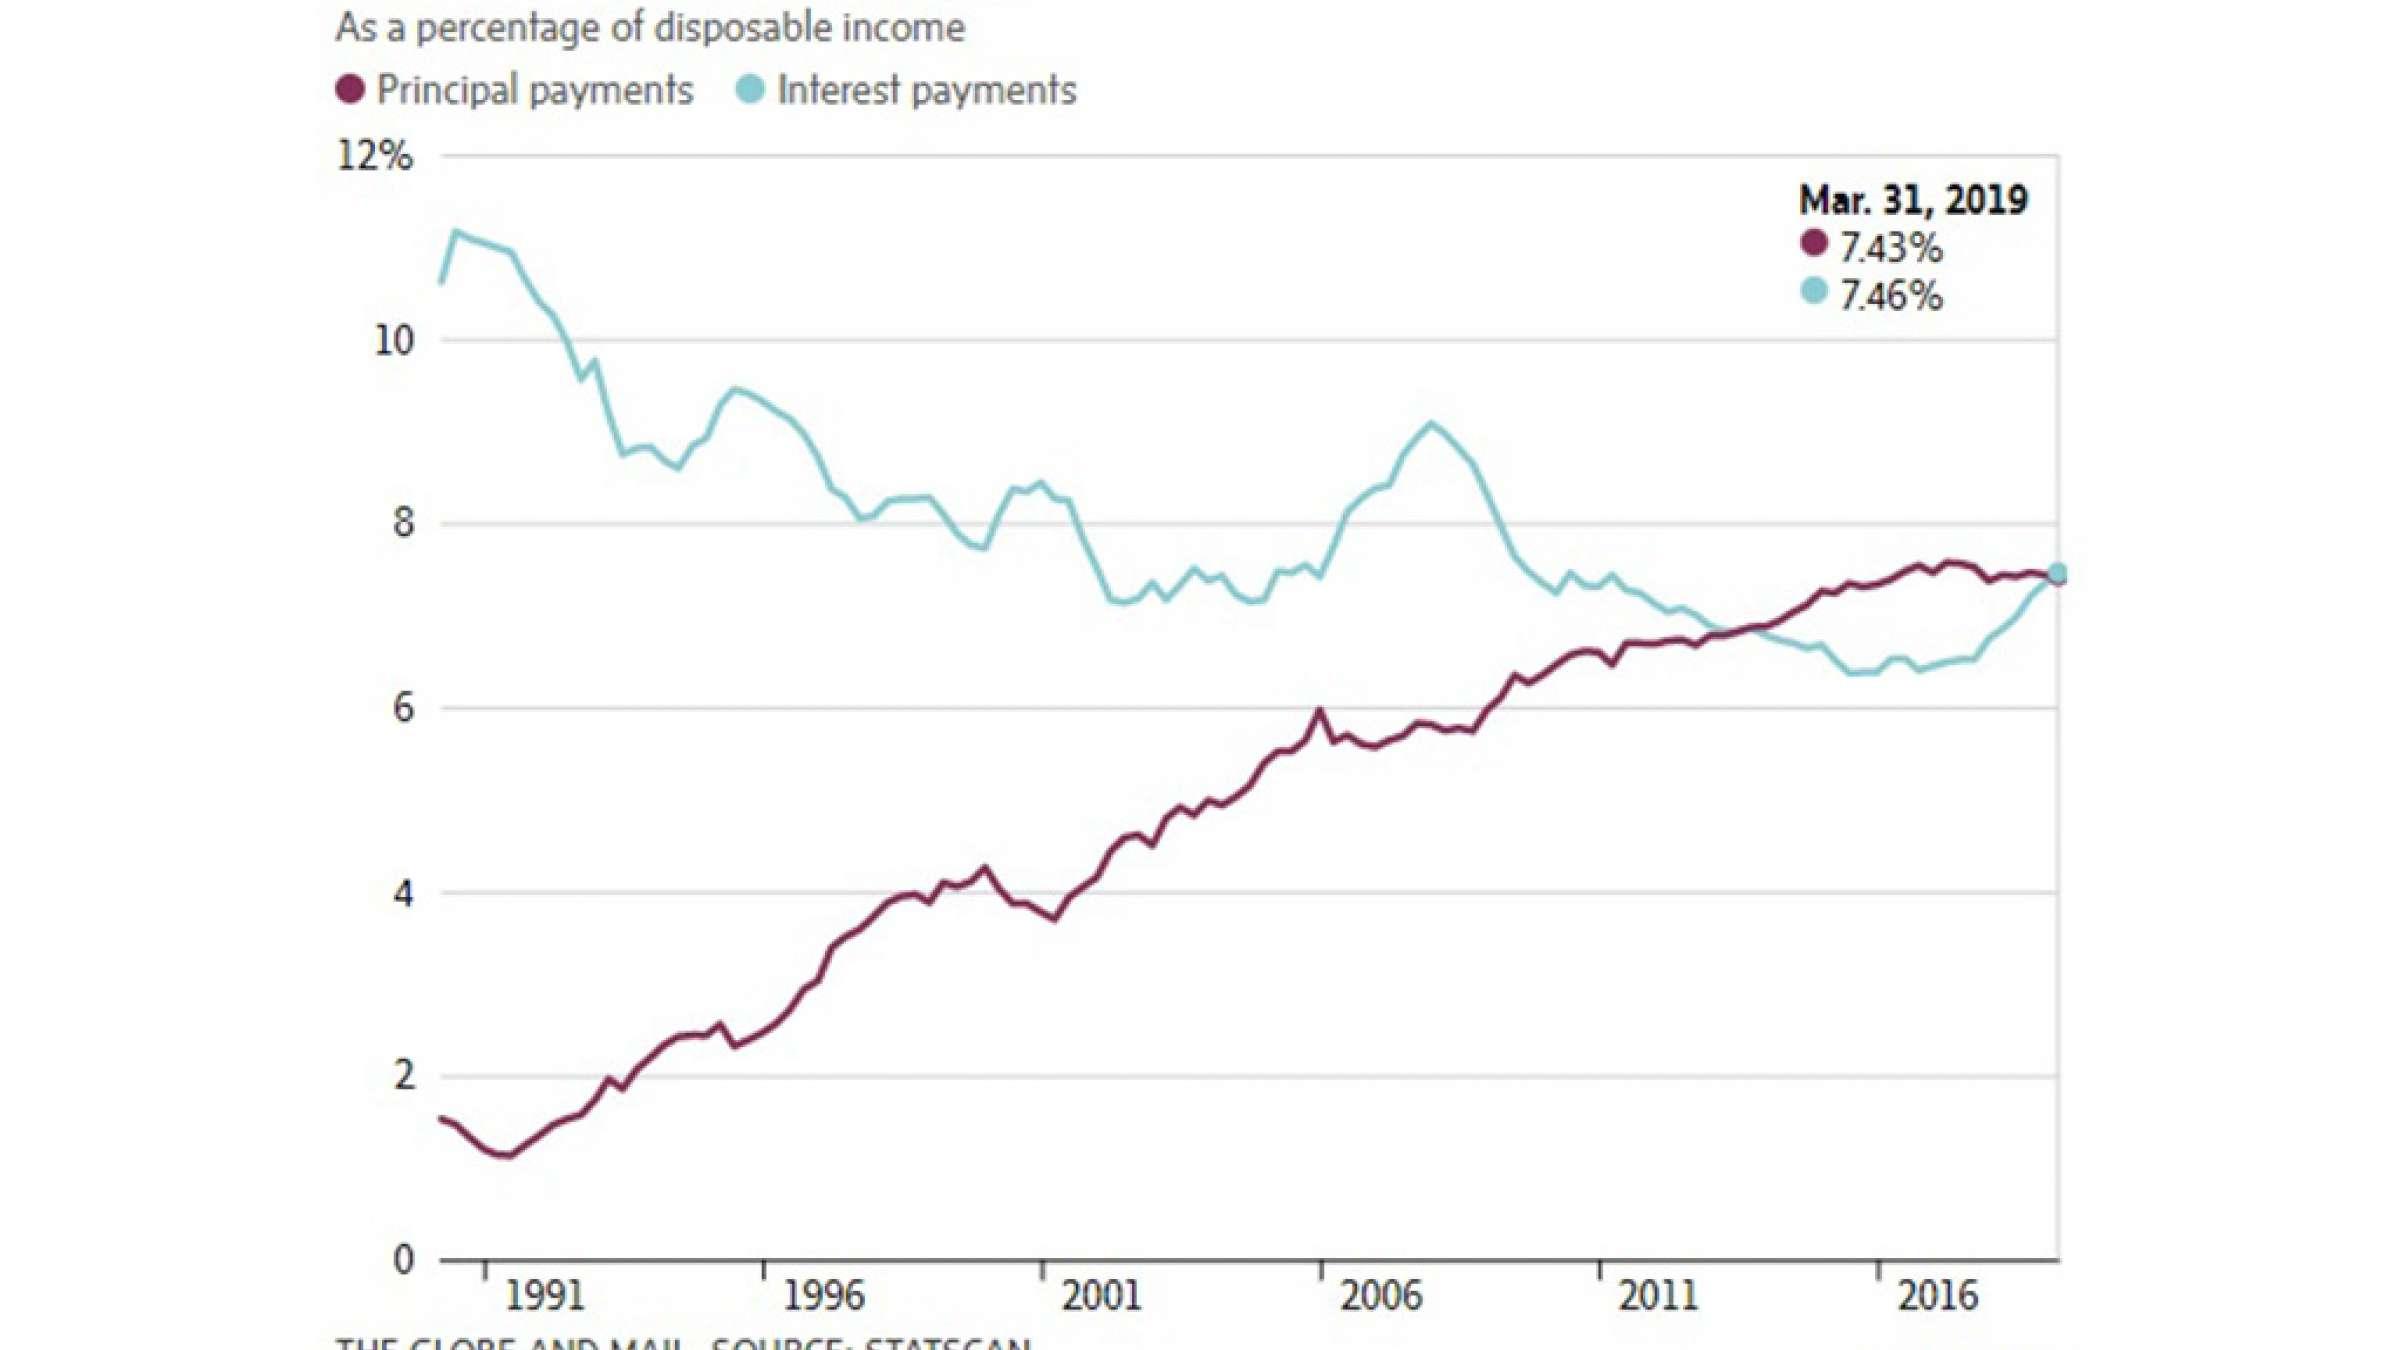 نمودار-کاناداییها-بیشتر-از-همیشه-خرج-بدهیشان-میکنند-کانادا-اخبار